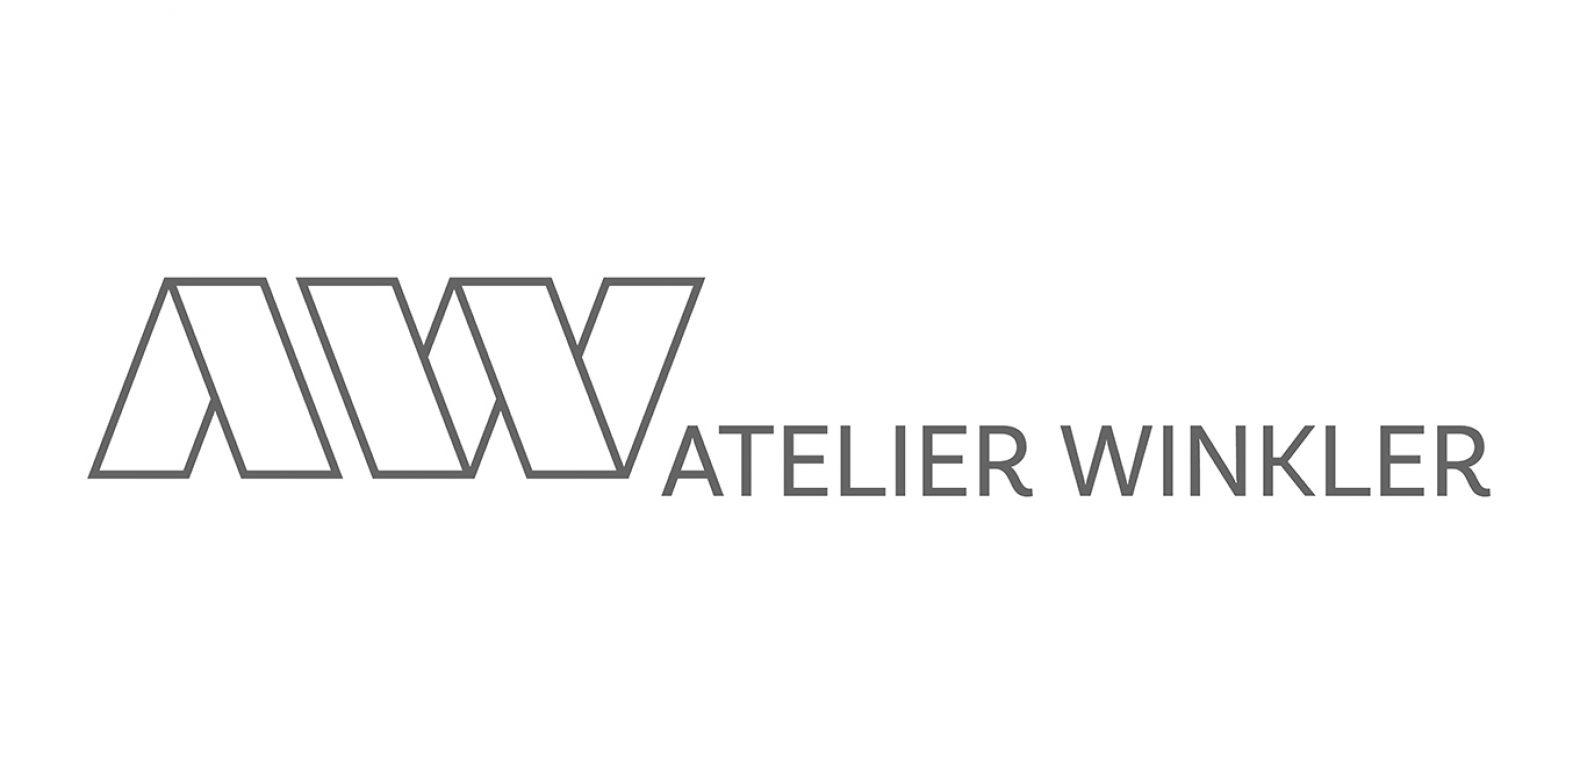 Atelier Winkler